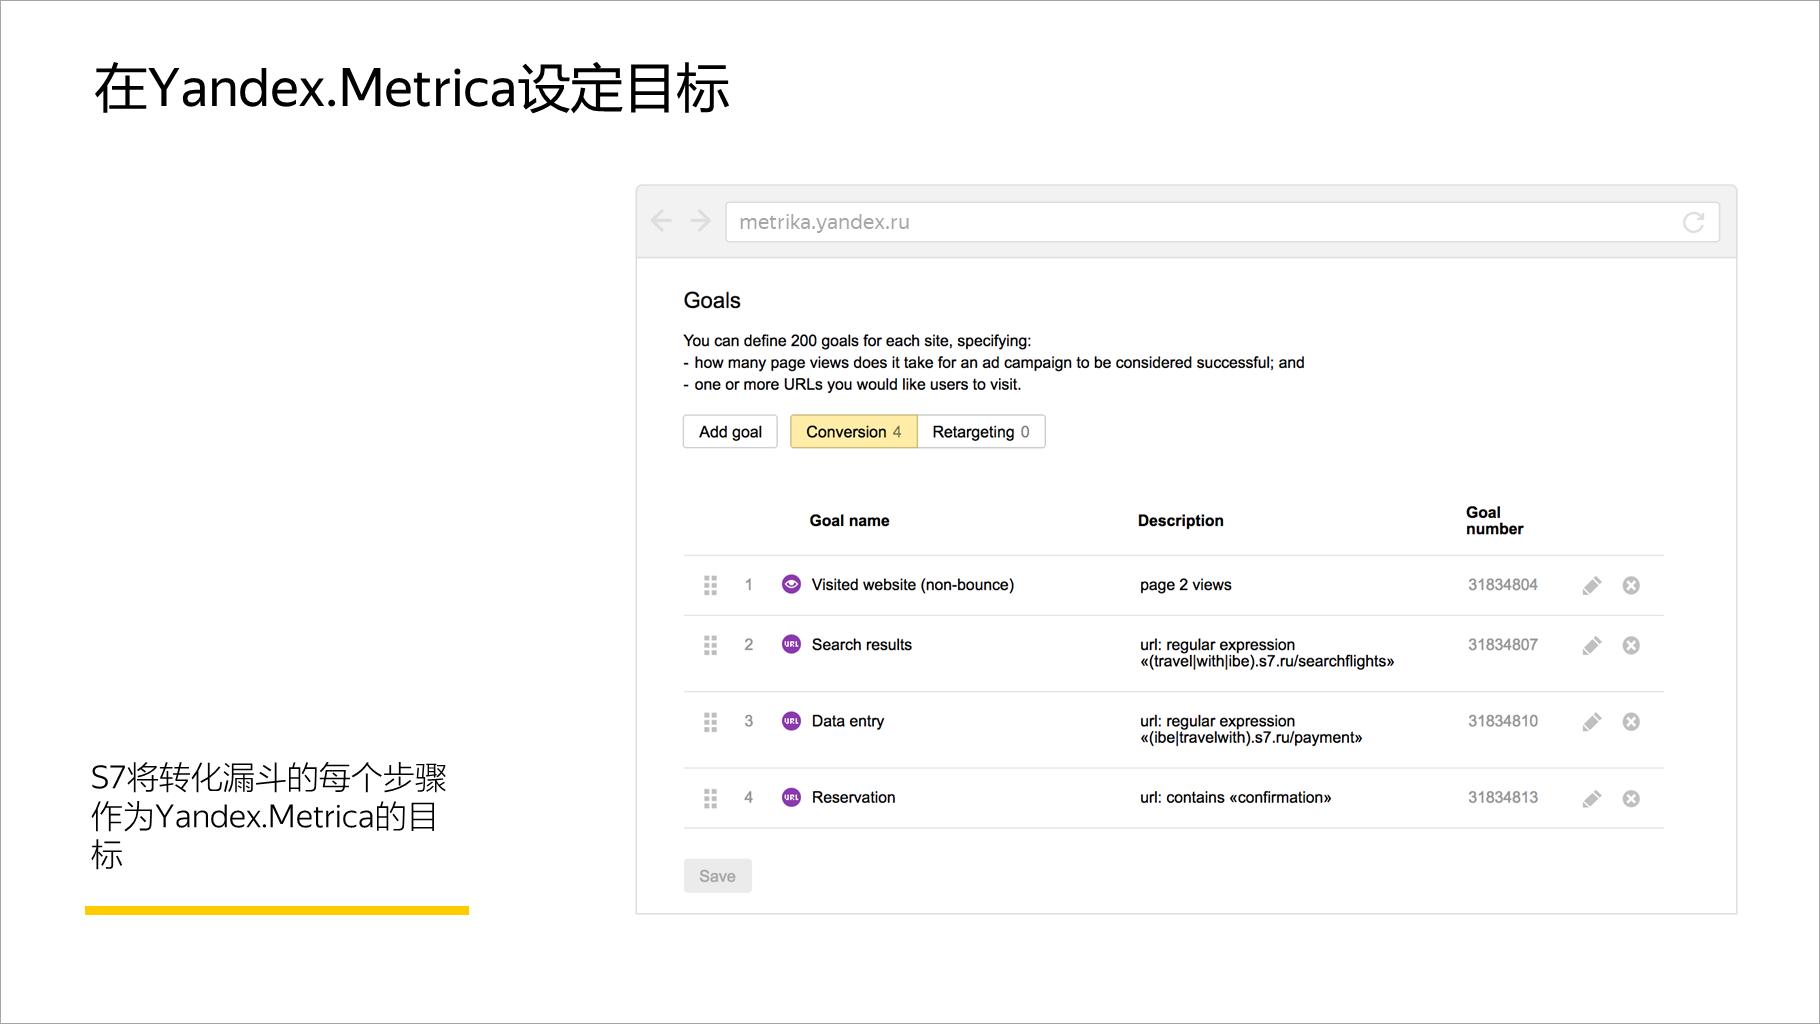 在Yandex.Metrica设定目标